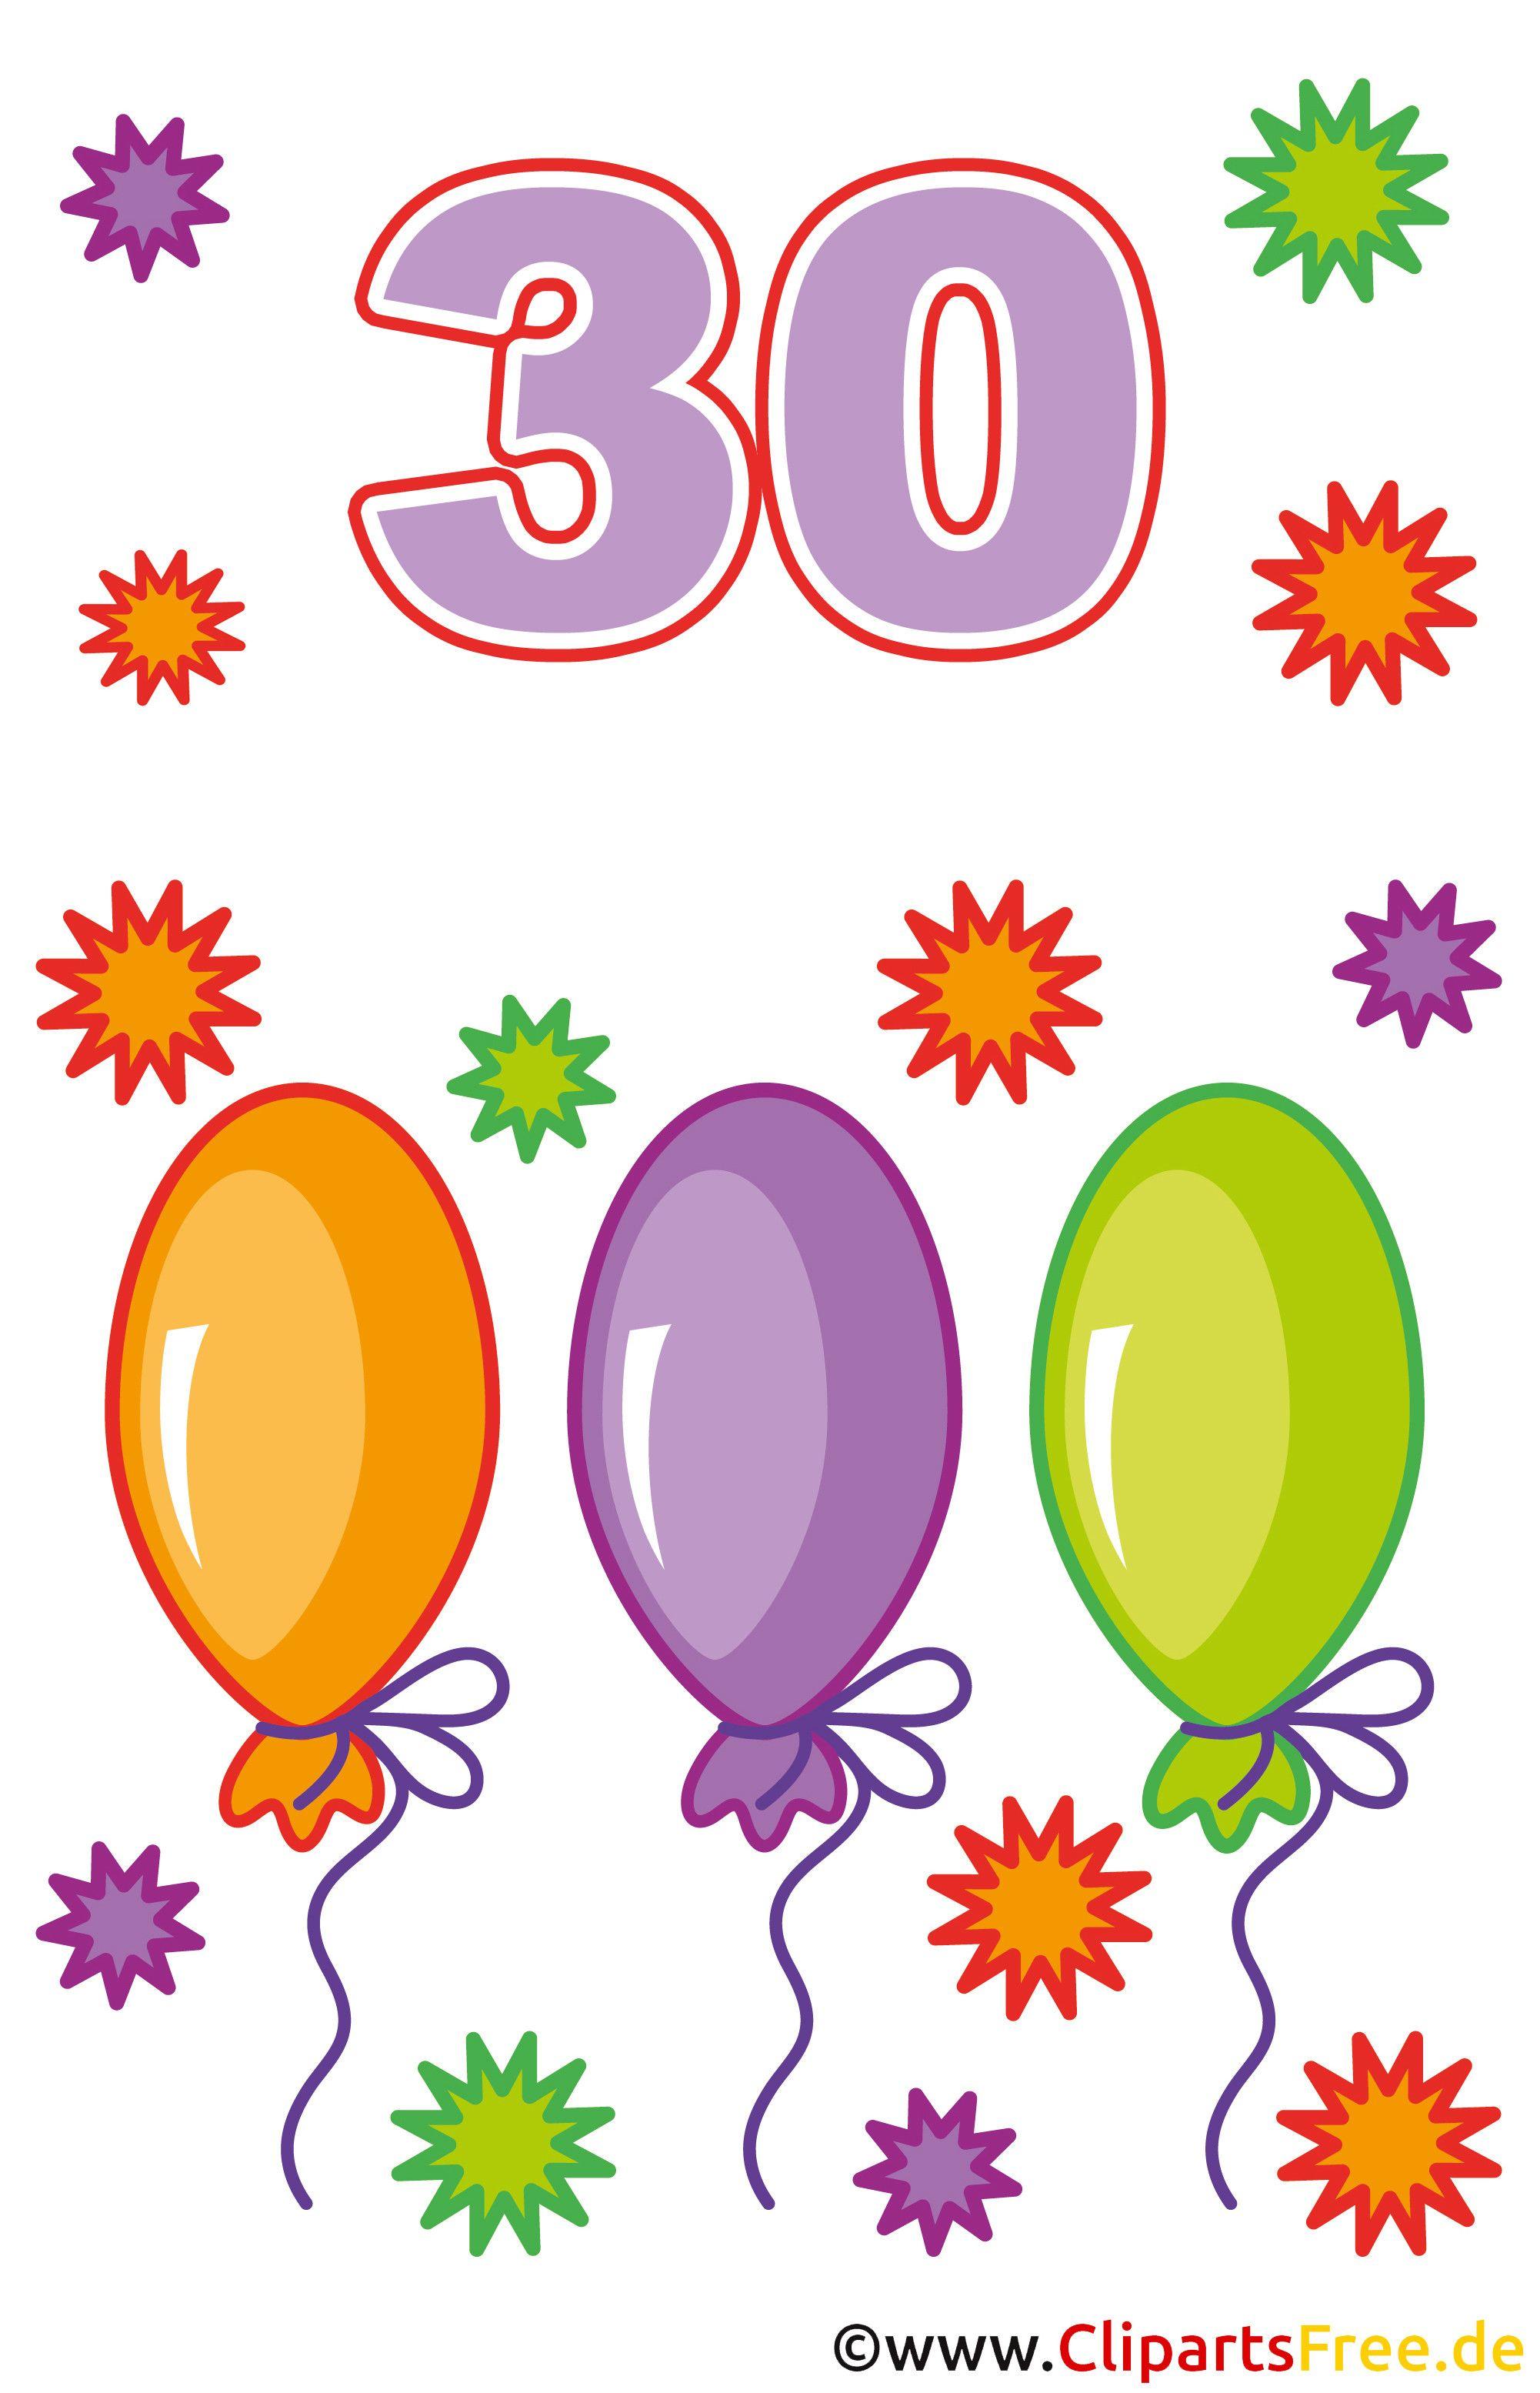 30 Geburtstag Bilder Clipart 1237 Die 20 Besten Ideen Für Geburtstagsbilder Zum Ausdrucken Gratis Free Clip Art Clip Art Birthday Invitations